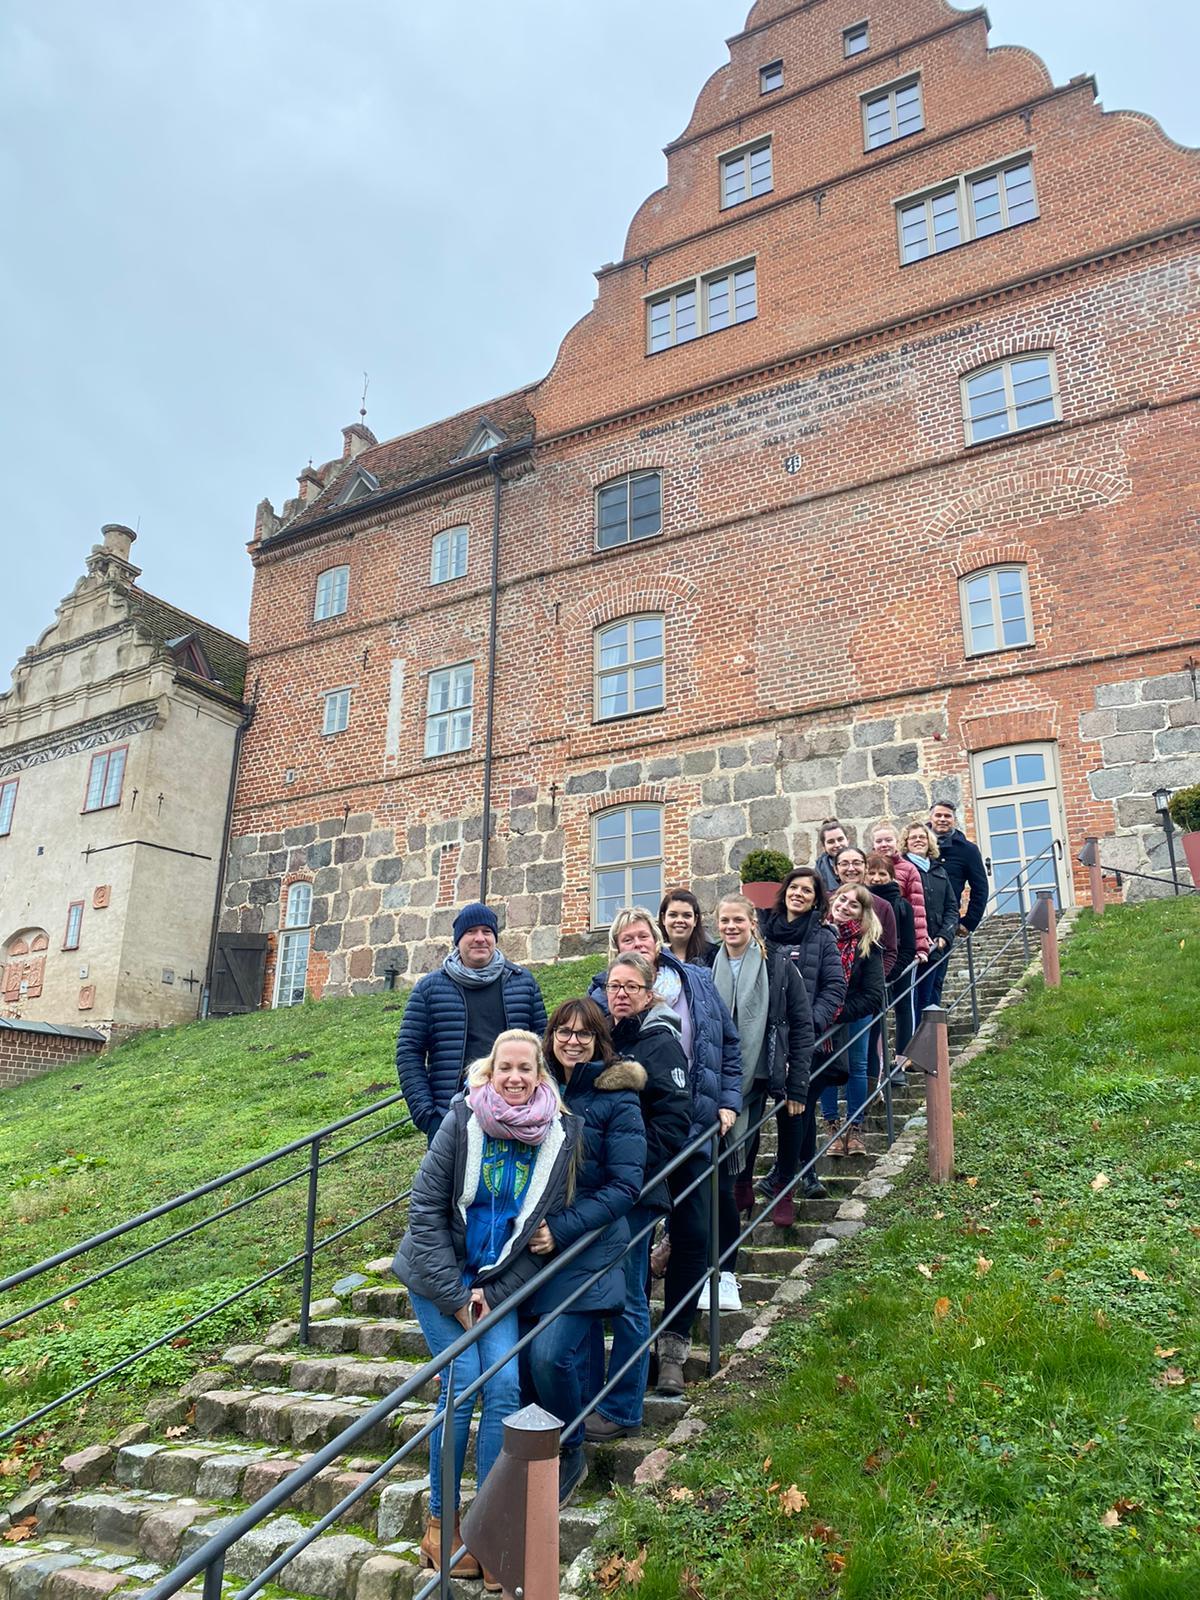 Klassenfahrt Schloss | zoum.de | zoum Fortbildung 2019